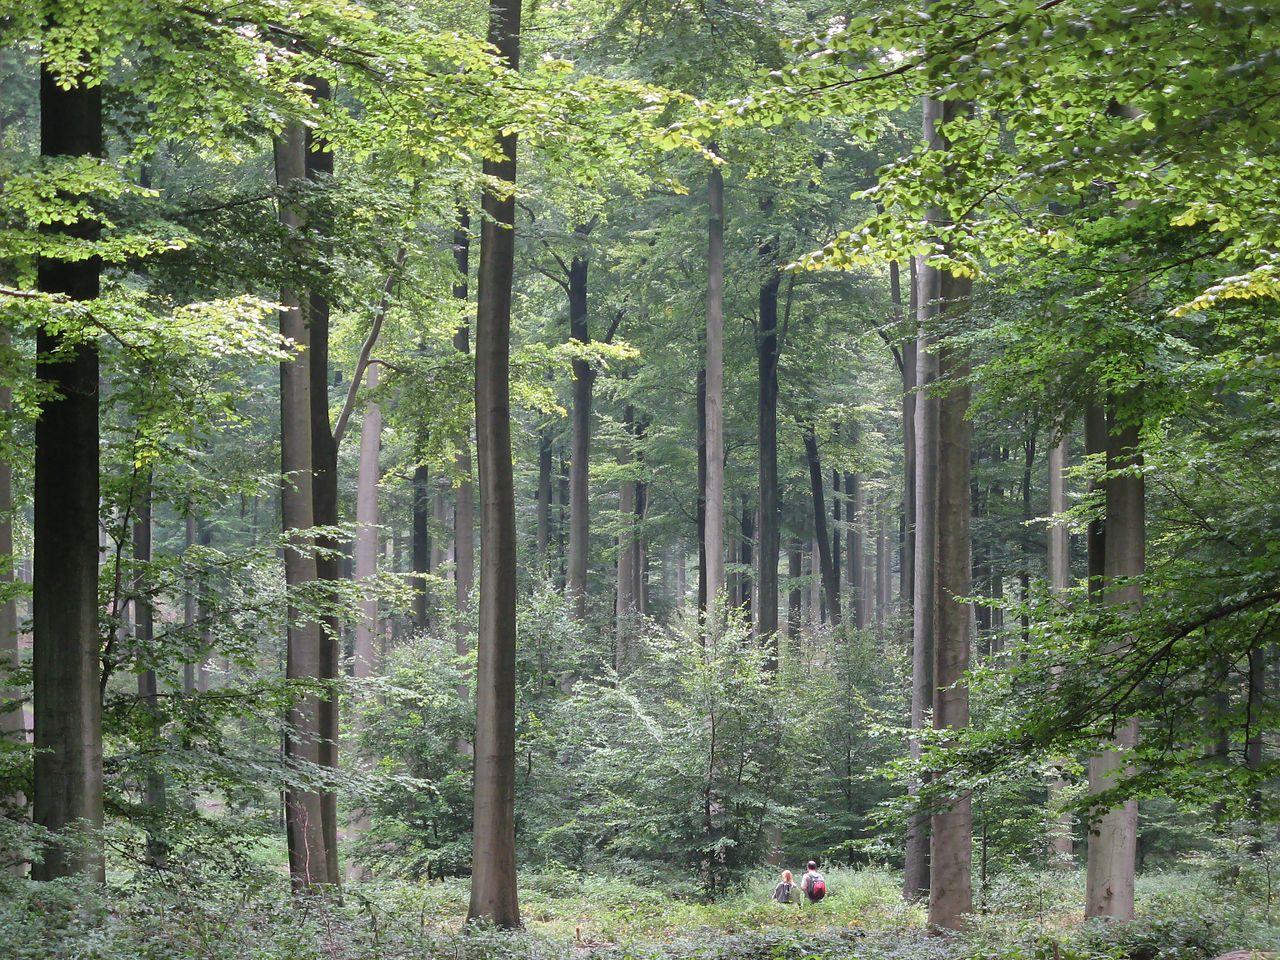 Egy német erdész azt mondja, a fák beszélgetnek, számolnak, barátkoznak, gondoskodnak az utódaikról és tanulnak is